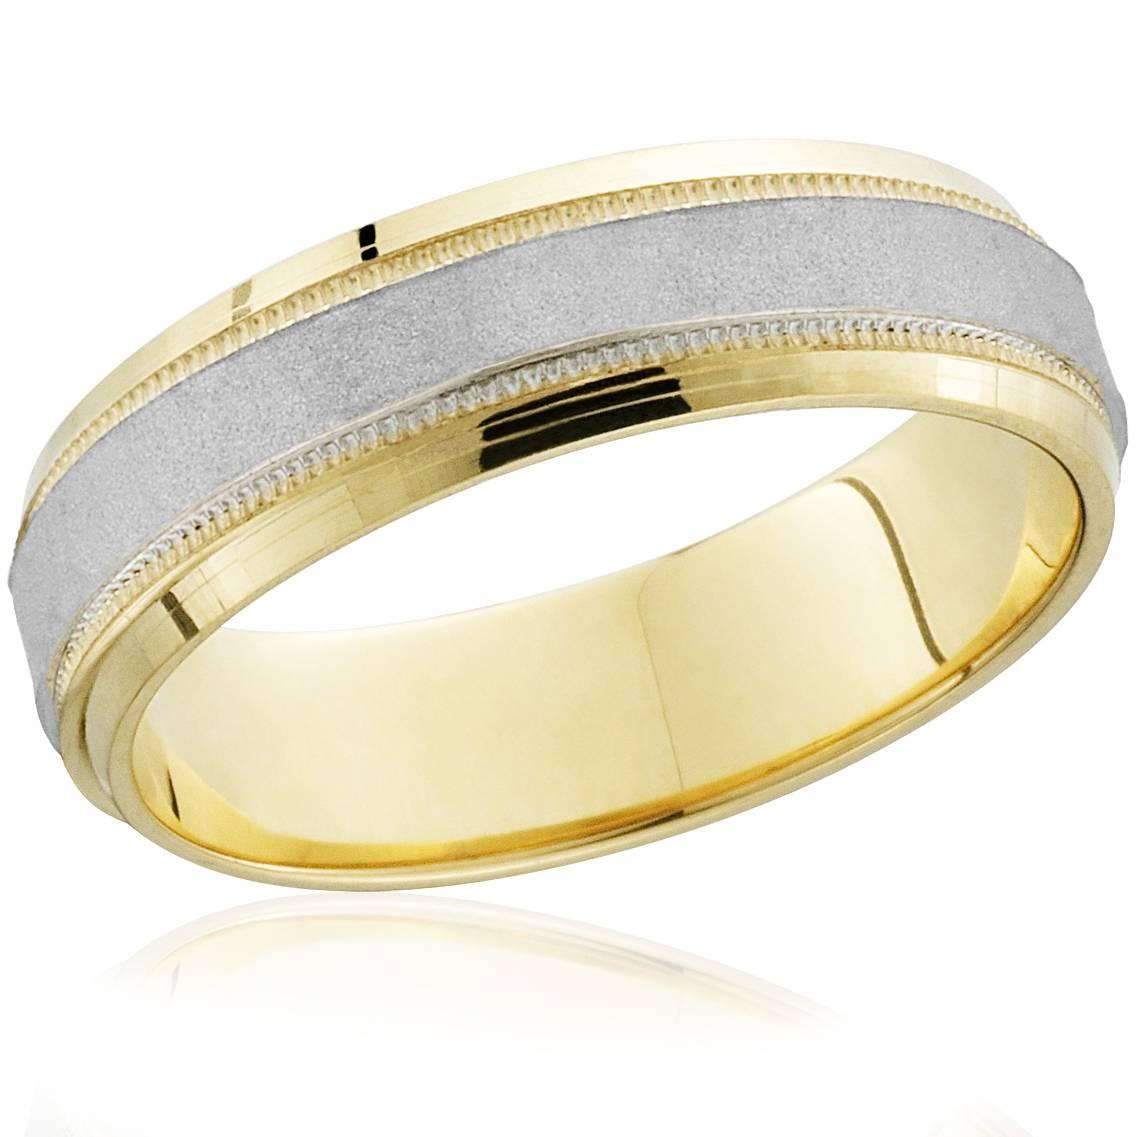 18k Gold & Platinum Brushed Two Tone Wedding Band Ring - Tanga